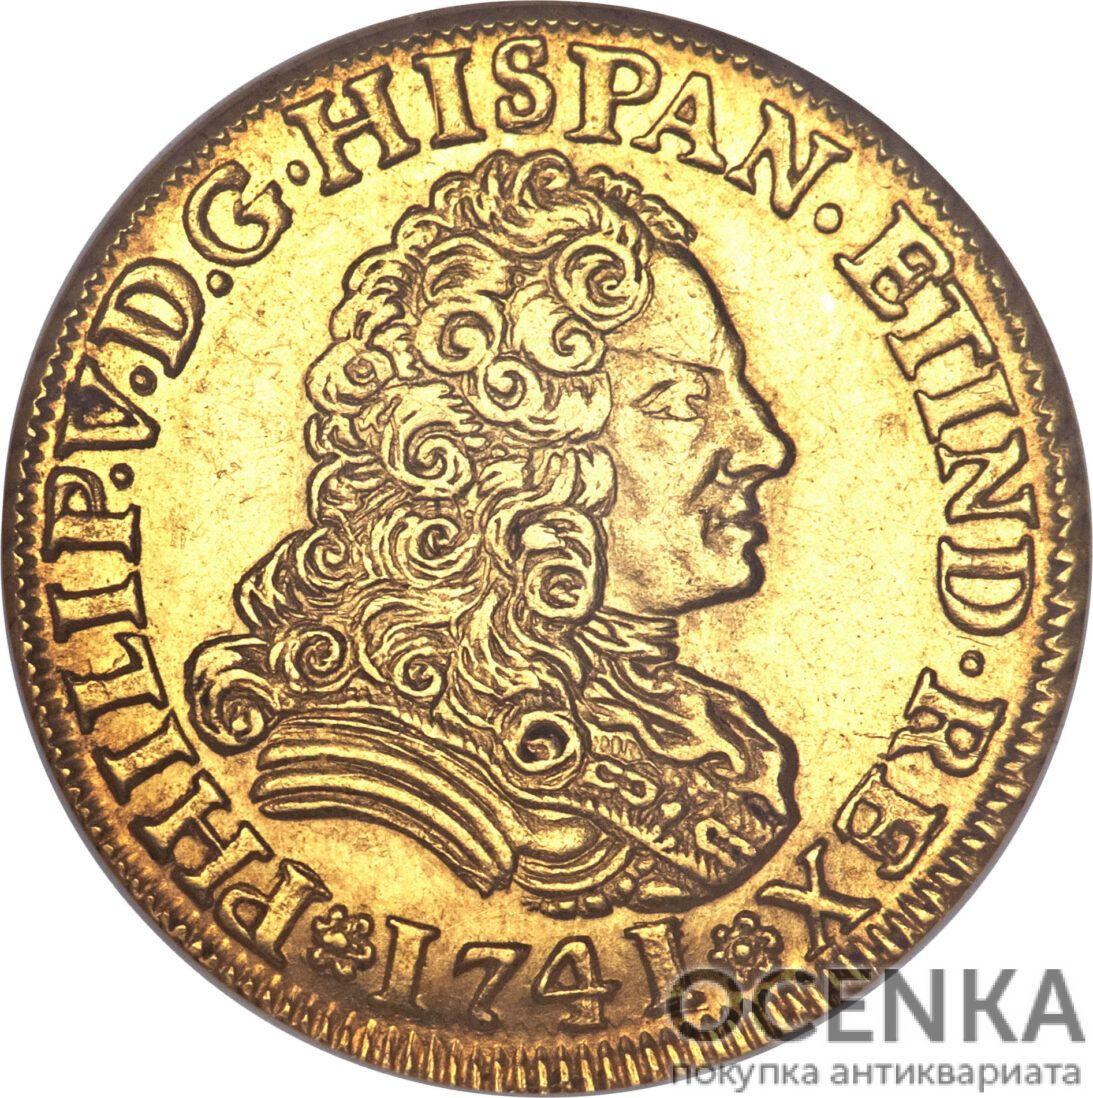 Золотая монета 2 Эскудо (2 Escudos) Испания - 7